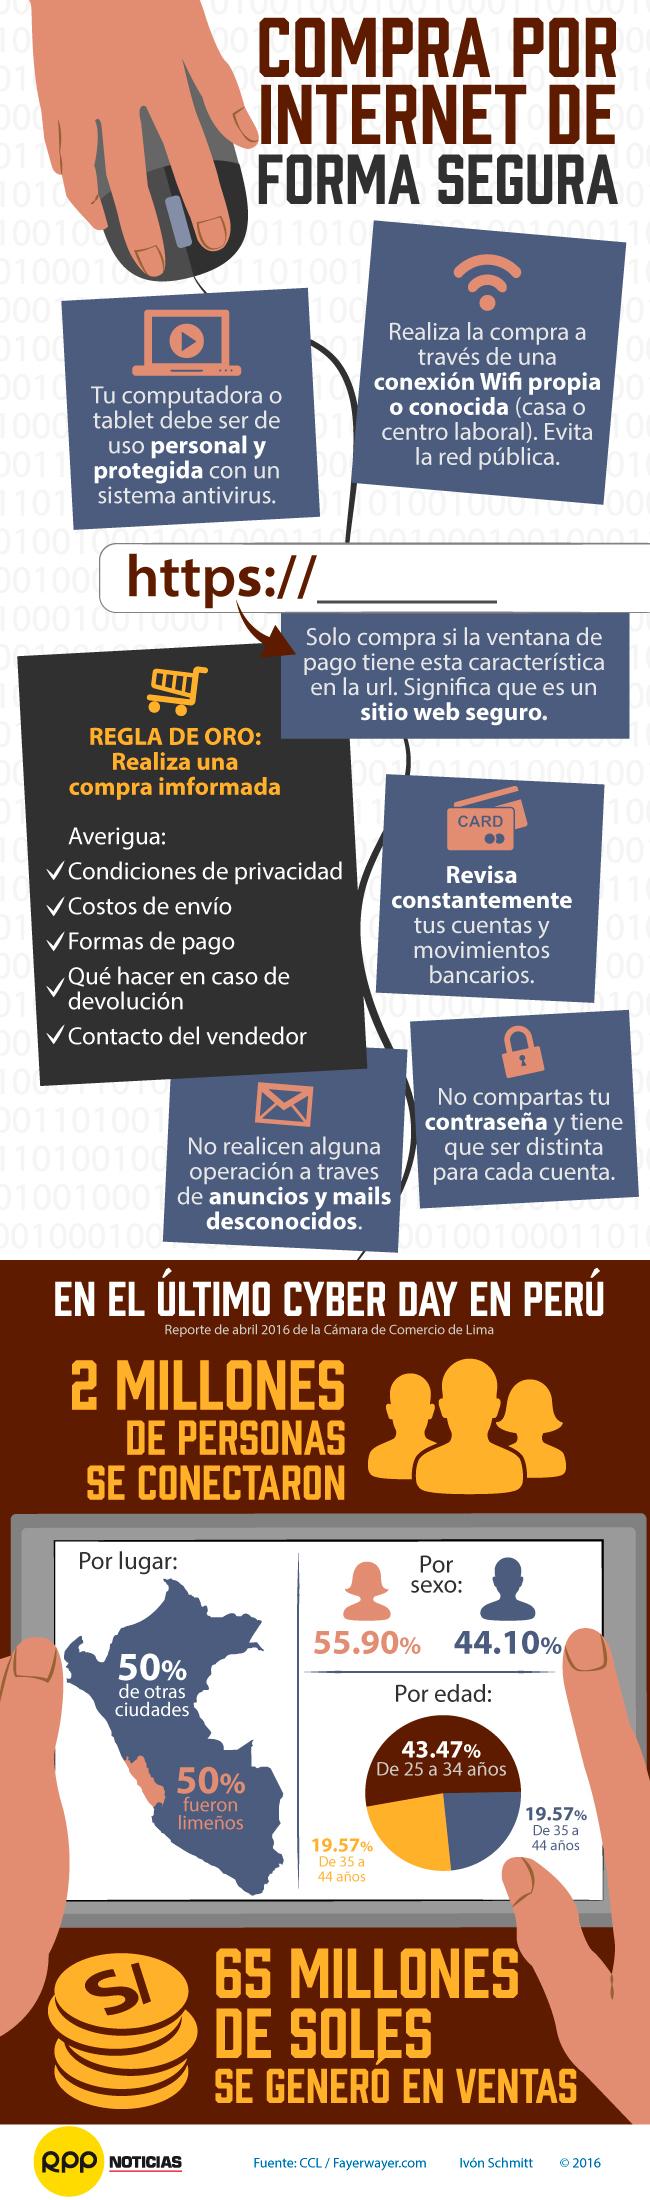 Conoce estas recomendaciones para comprar seguro durante el Cyber Perú Day